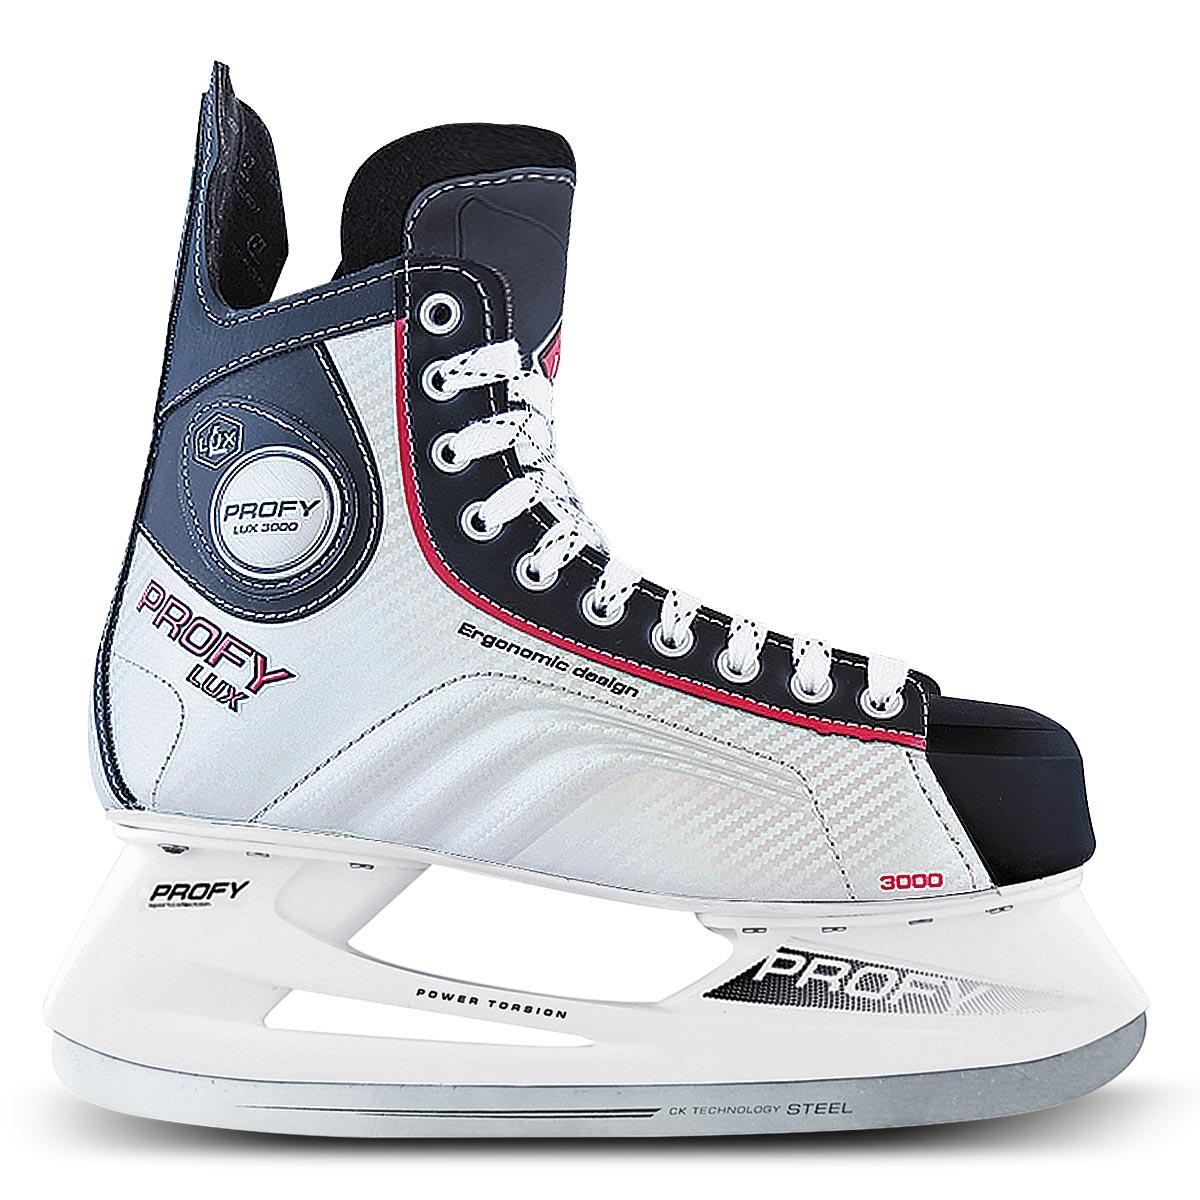 Коньки хоккейные мужские СК Profy Lux 3000, цвет: черный, серебряный, красный. Размер 44Atemi Force 3.0 2012 Black-GrayКоньки хоккейные мужские СК Profy Lux 3000 прекрасно подойдут для профессиональных игроков в хоккей. Ботинок выполнен из морозоустойчивой искусственной кожи и специального резистентного ПВХ, а язычок - из двухслойного войлока и искусственной кожи. Слоевая композитная технология позволила изготовить ботинок, полностью обволакивающий ногу. Это обеспечивает прочную и удобную фиксацию ноги, повышает защиту от ударов. Ботинок изготовлен с учетом антропометрии стоп россиян, что обеспечивает комфорт и устойчивость ноги, правильное распределение нагрузки, сильно снижает травмоопасность. Конструкция носка ботинка, изготовленного из ударопрочного энергопоглощающего термопластичного полиуретана Hytrel® (DuPont), обеспечивает увеличенную надежность защиты передней части ступни от ударов. Усиленные боковины ботинка из формованного PVC укрепляют боковую часть ботинка и дополнительно защищают ступню от ударов за счет поглощения энергии. Тип застежки ботинок – классическая шнуровка. Стелька из упругого пенного полимерного материала EVA гарантирует комфортное положение ноги в ботинке, обеспечивает быструю адаптацию ботинка к индивидуальным формам ноги, не теряет упругости при изменении температуры и не разрушается от воздействия пота и влаги. Легкая прочная низкопрофильная полимерная подошва инжекционного формования практически без потерь передает энергию от толчка ноги к лезвию – быстрее набор скорости, резче повороты и остановки, острее чувство льда. Лезвие из нержавеющей стали 420J обеспечит превосходное скольжение.